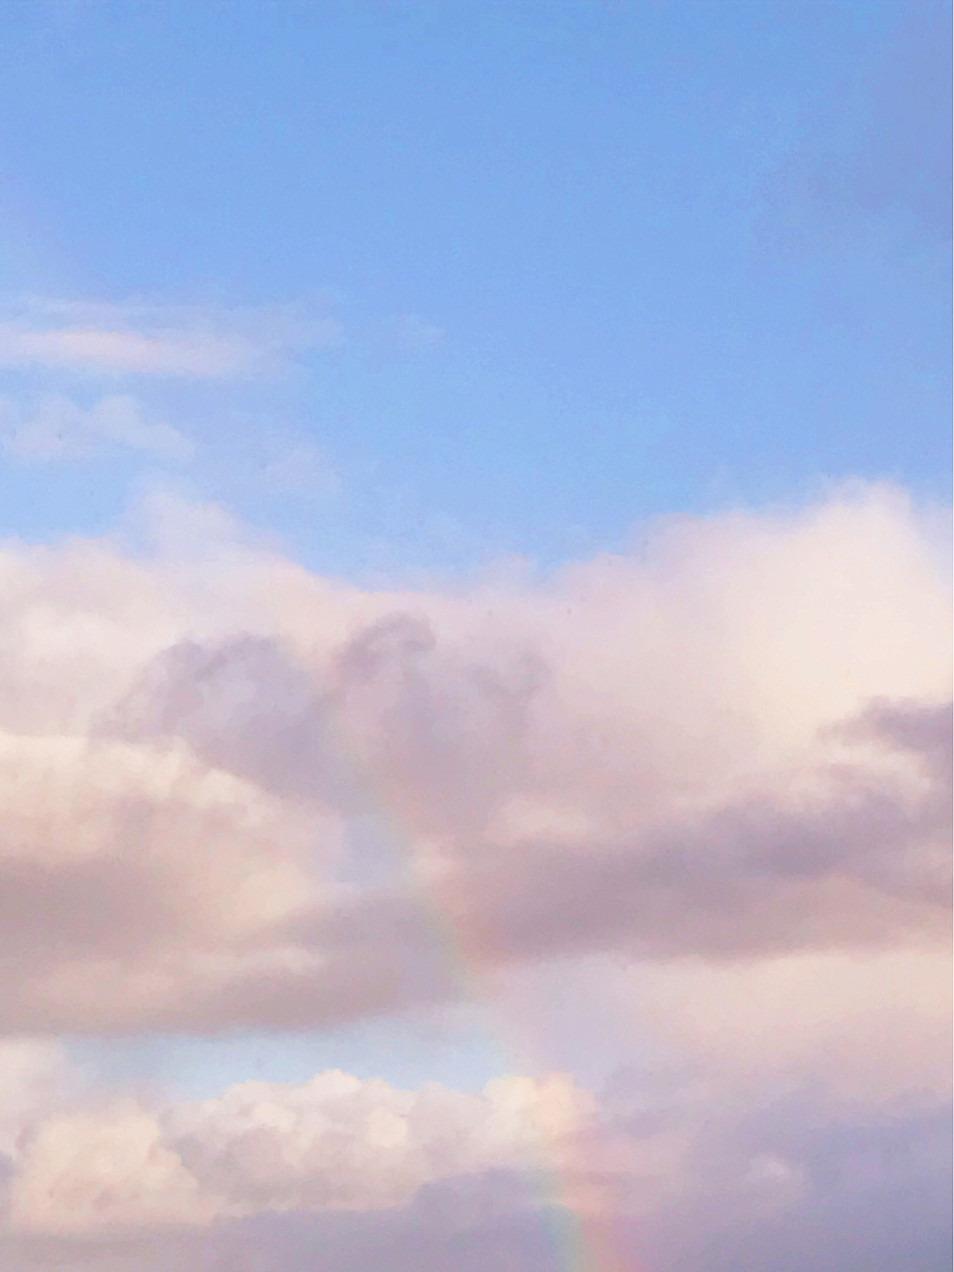 空 雲 月 素材 壁紙 82655550 完全無料画像検索のプリ画像 Bygmo